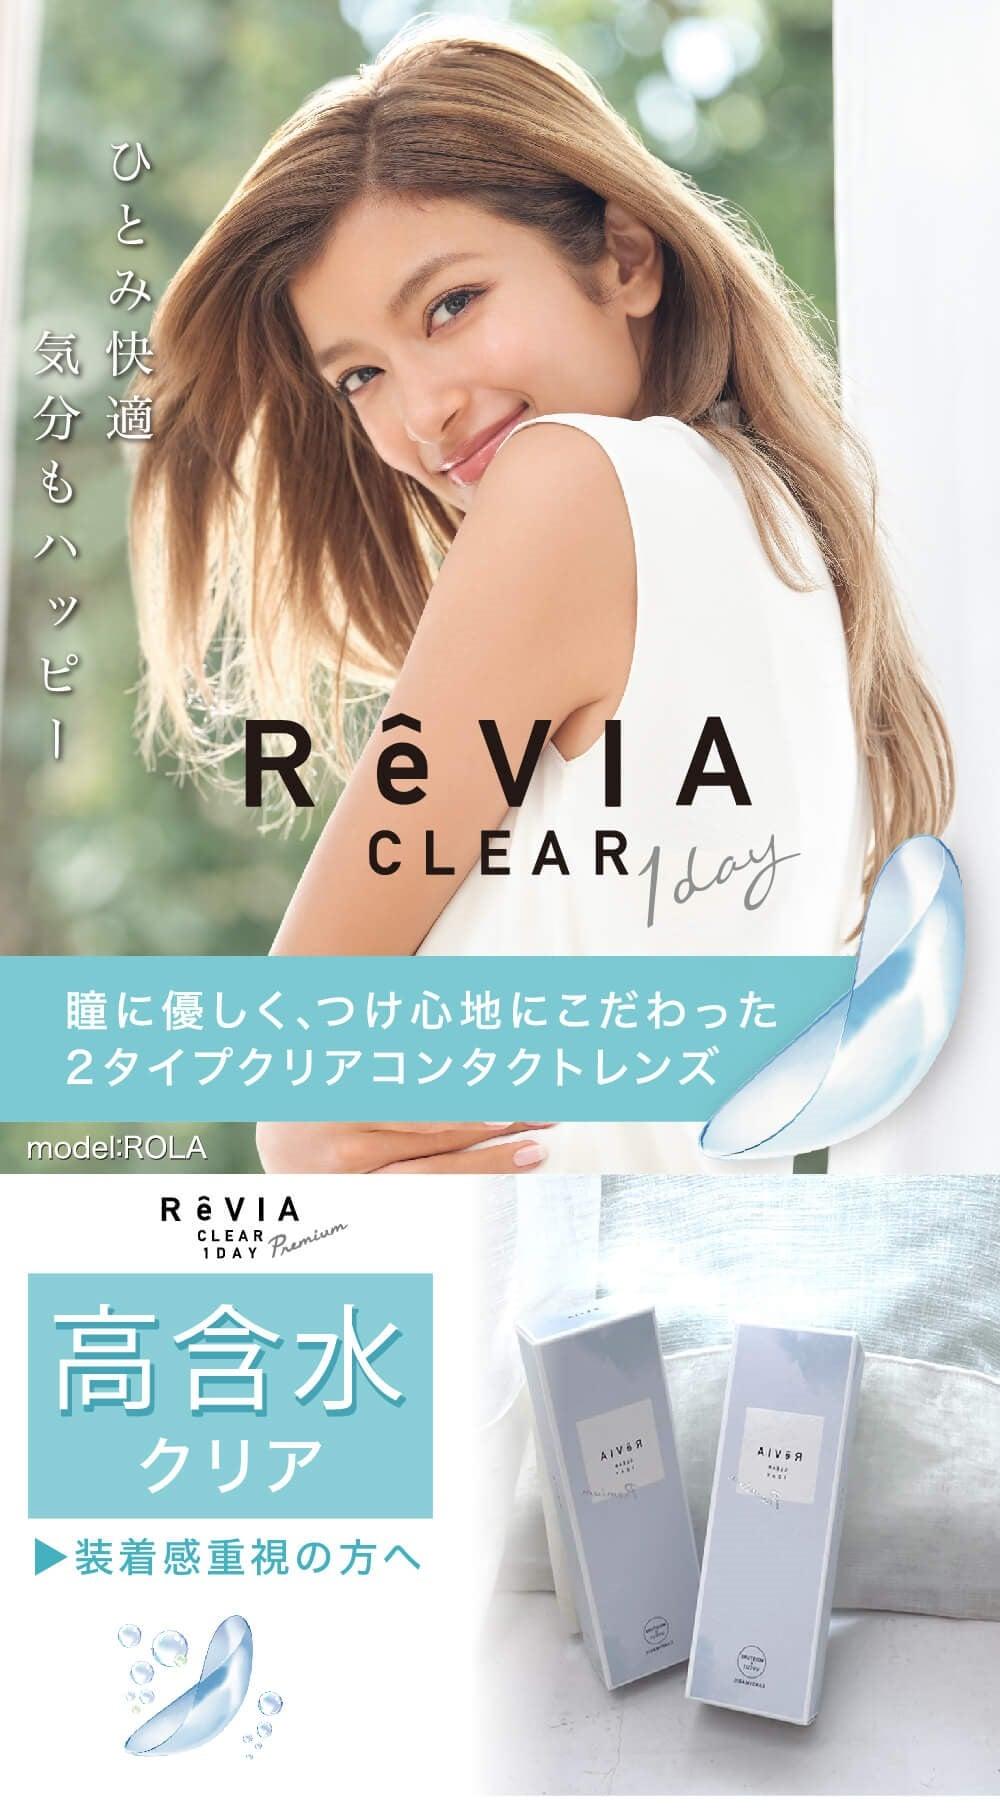 新ReVIA CLEAR 1day Premiumおすすめはこんな方!